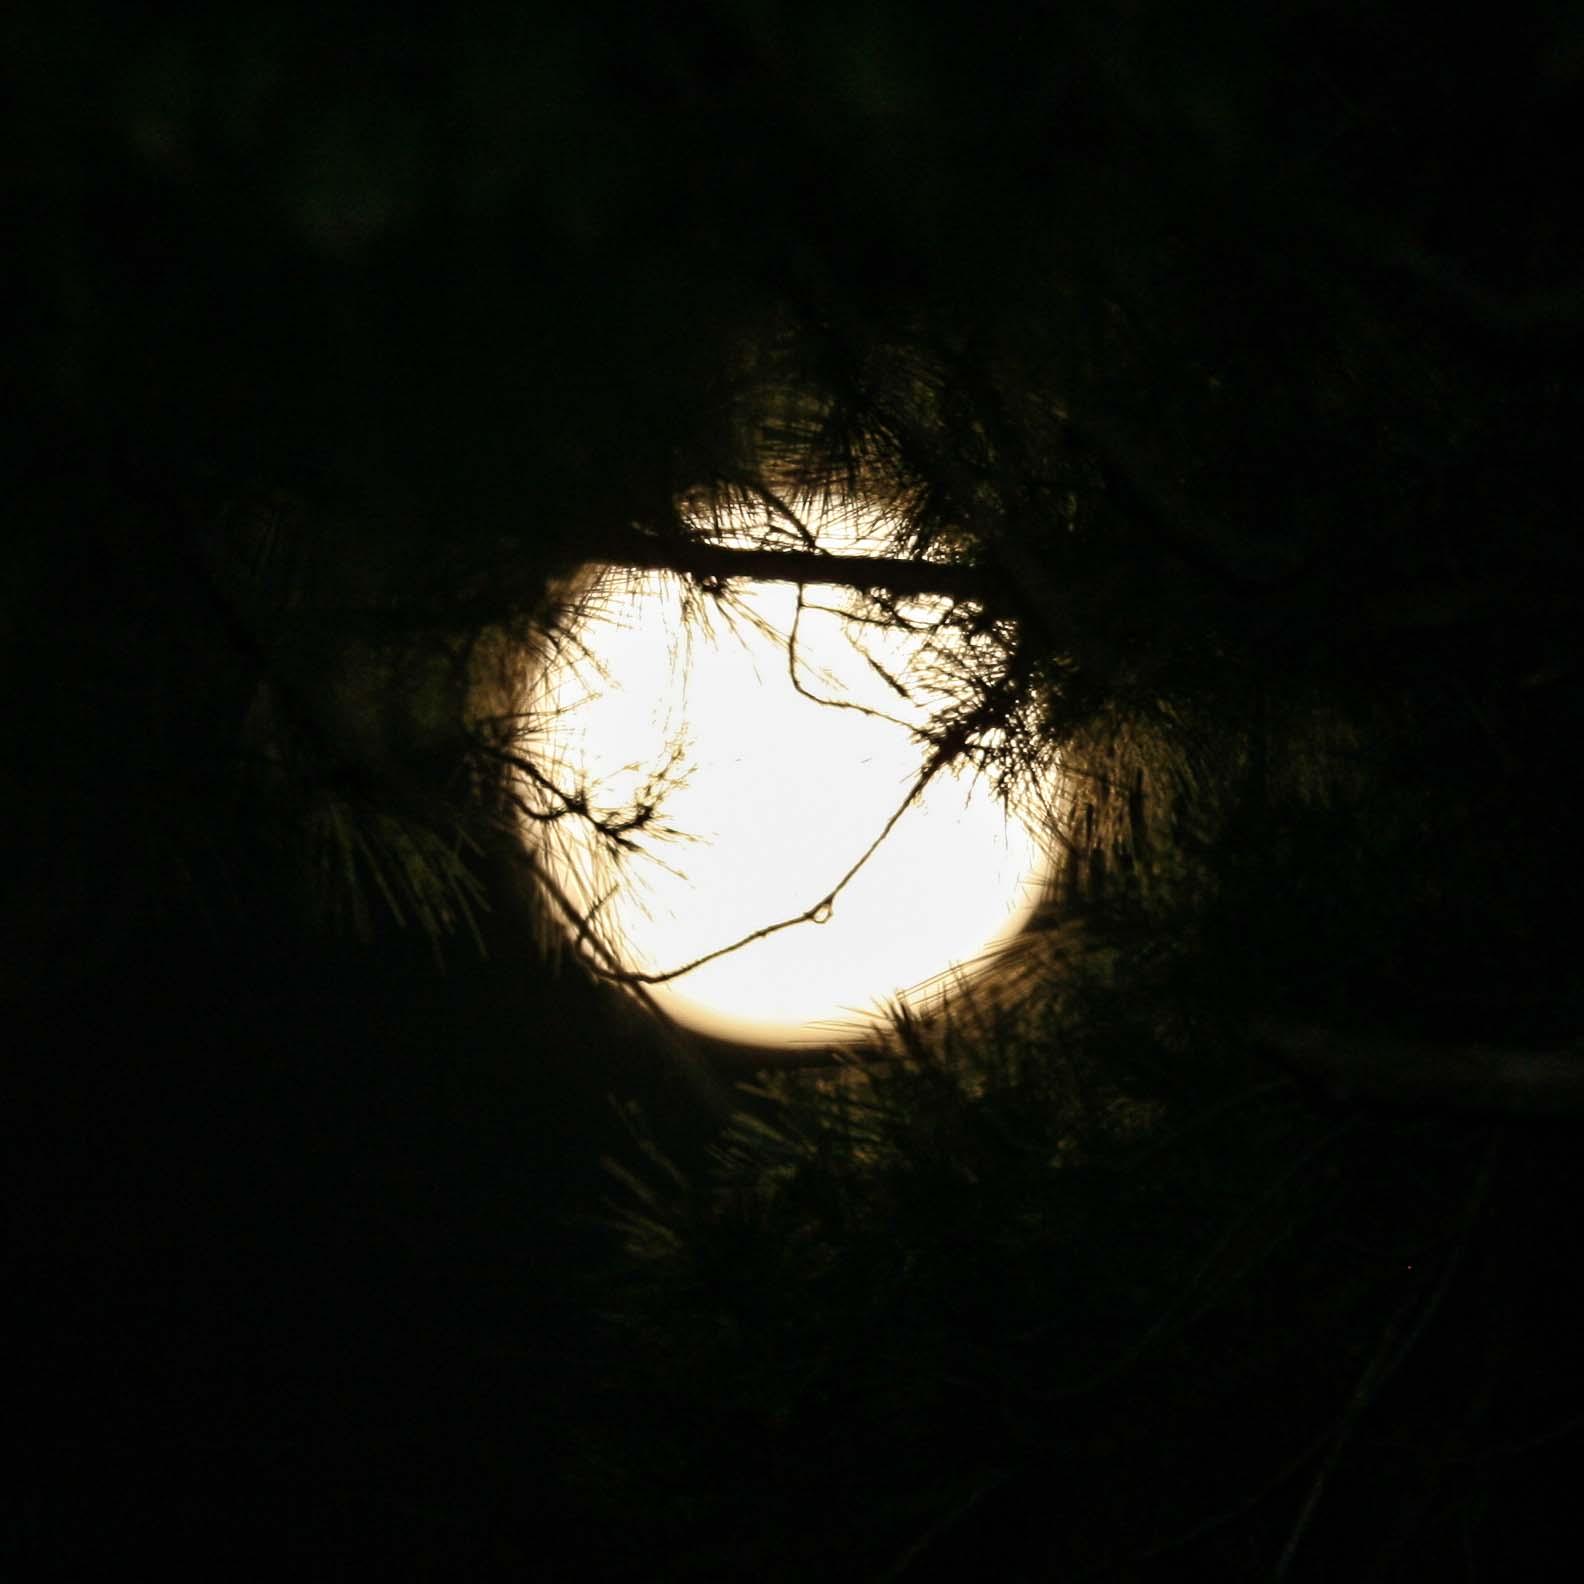 blog_moon_shadow.jpg